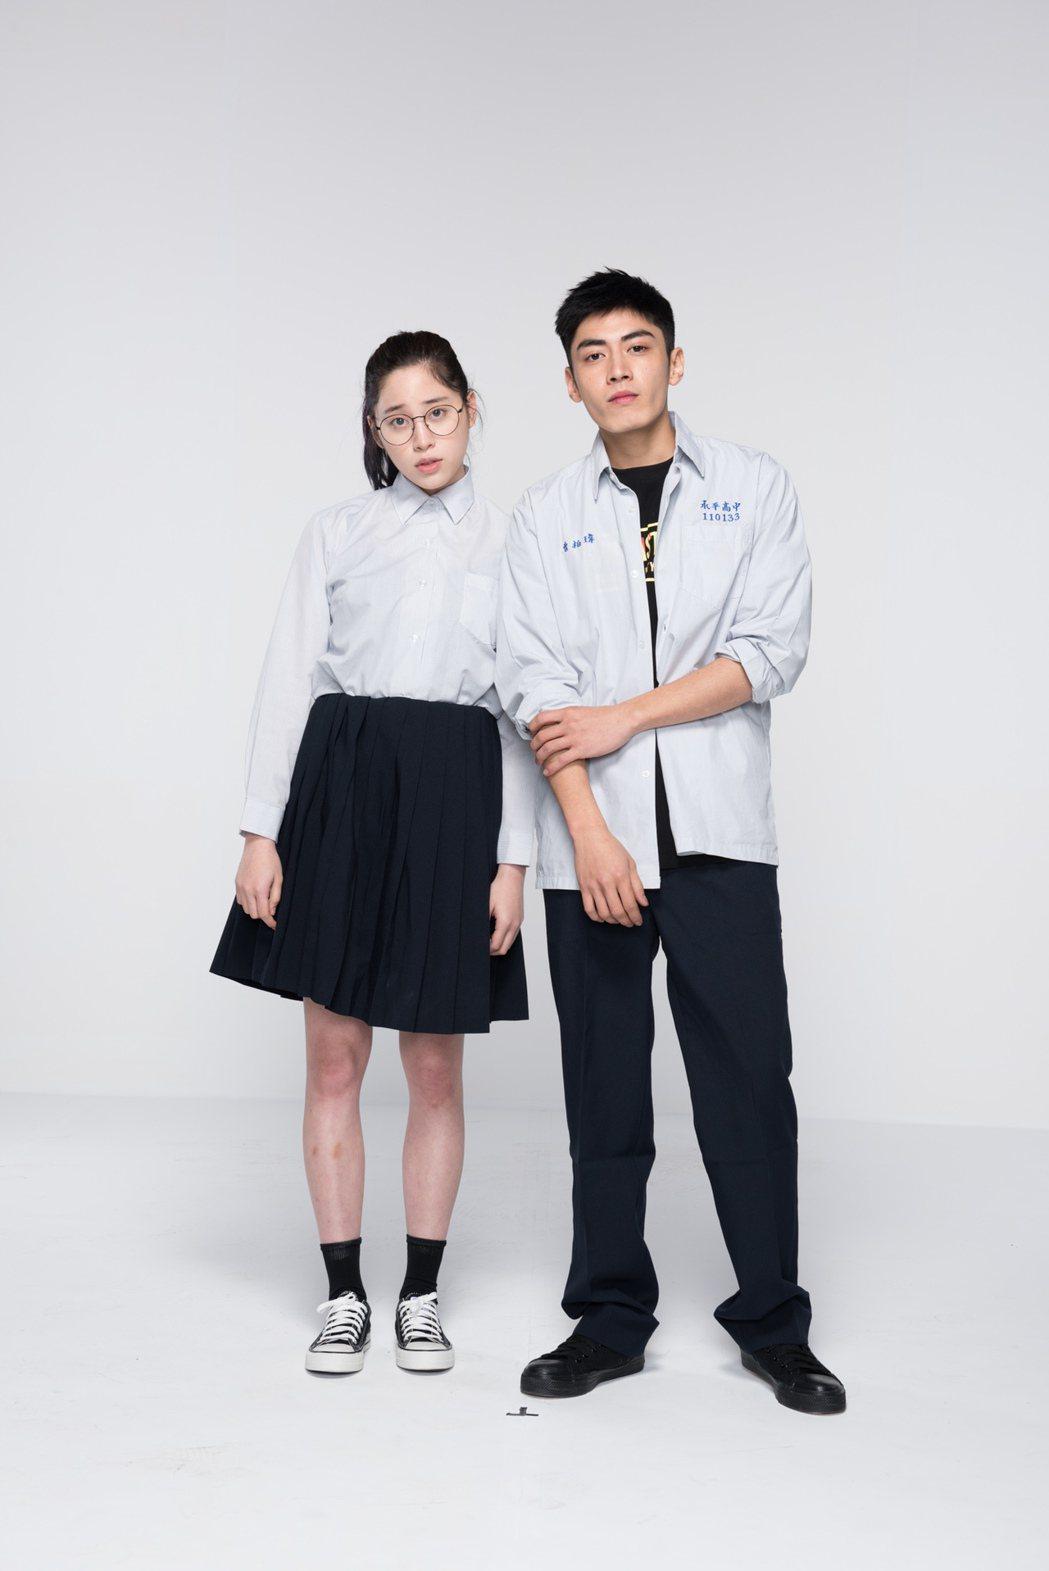 歐陽妮妮(左)與宋柏緯演出電影青春校園劇「天降神機」。圖/緯來提供